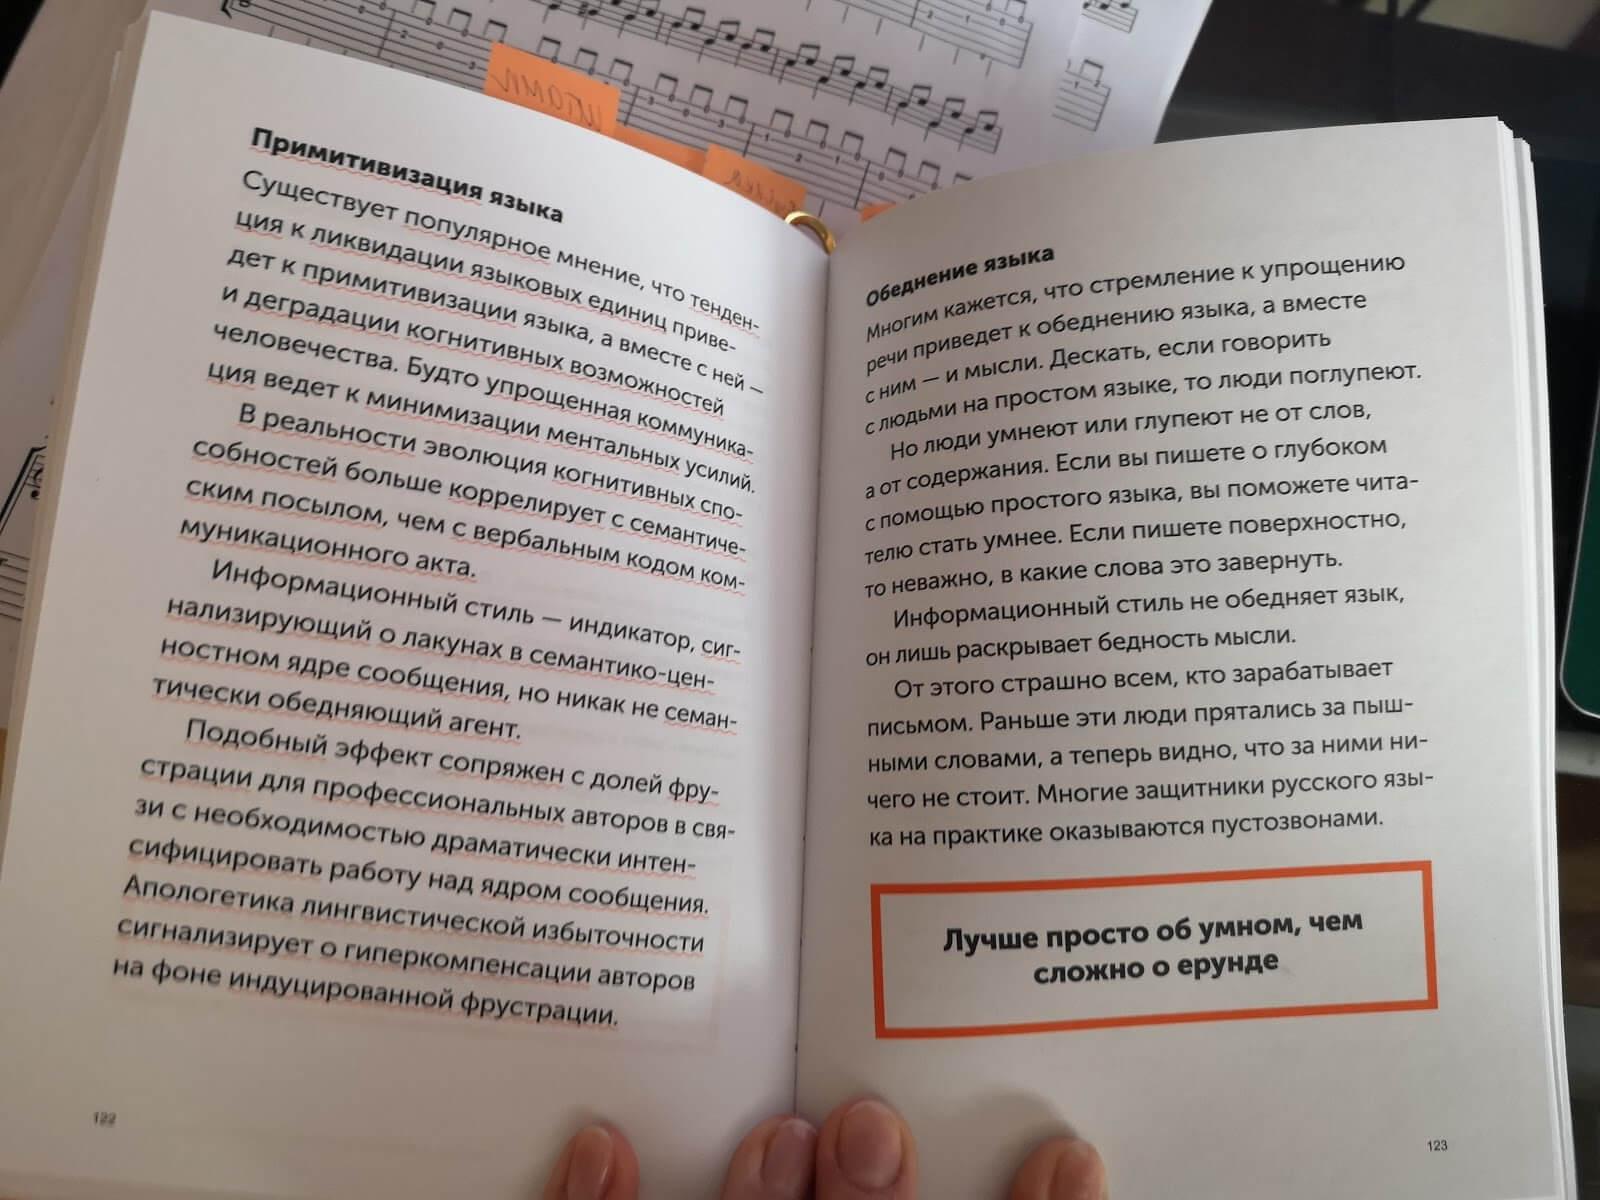 «Пиши, сокращай» структура книги